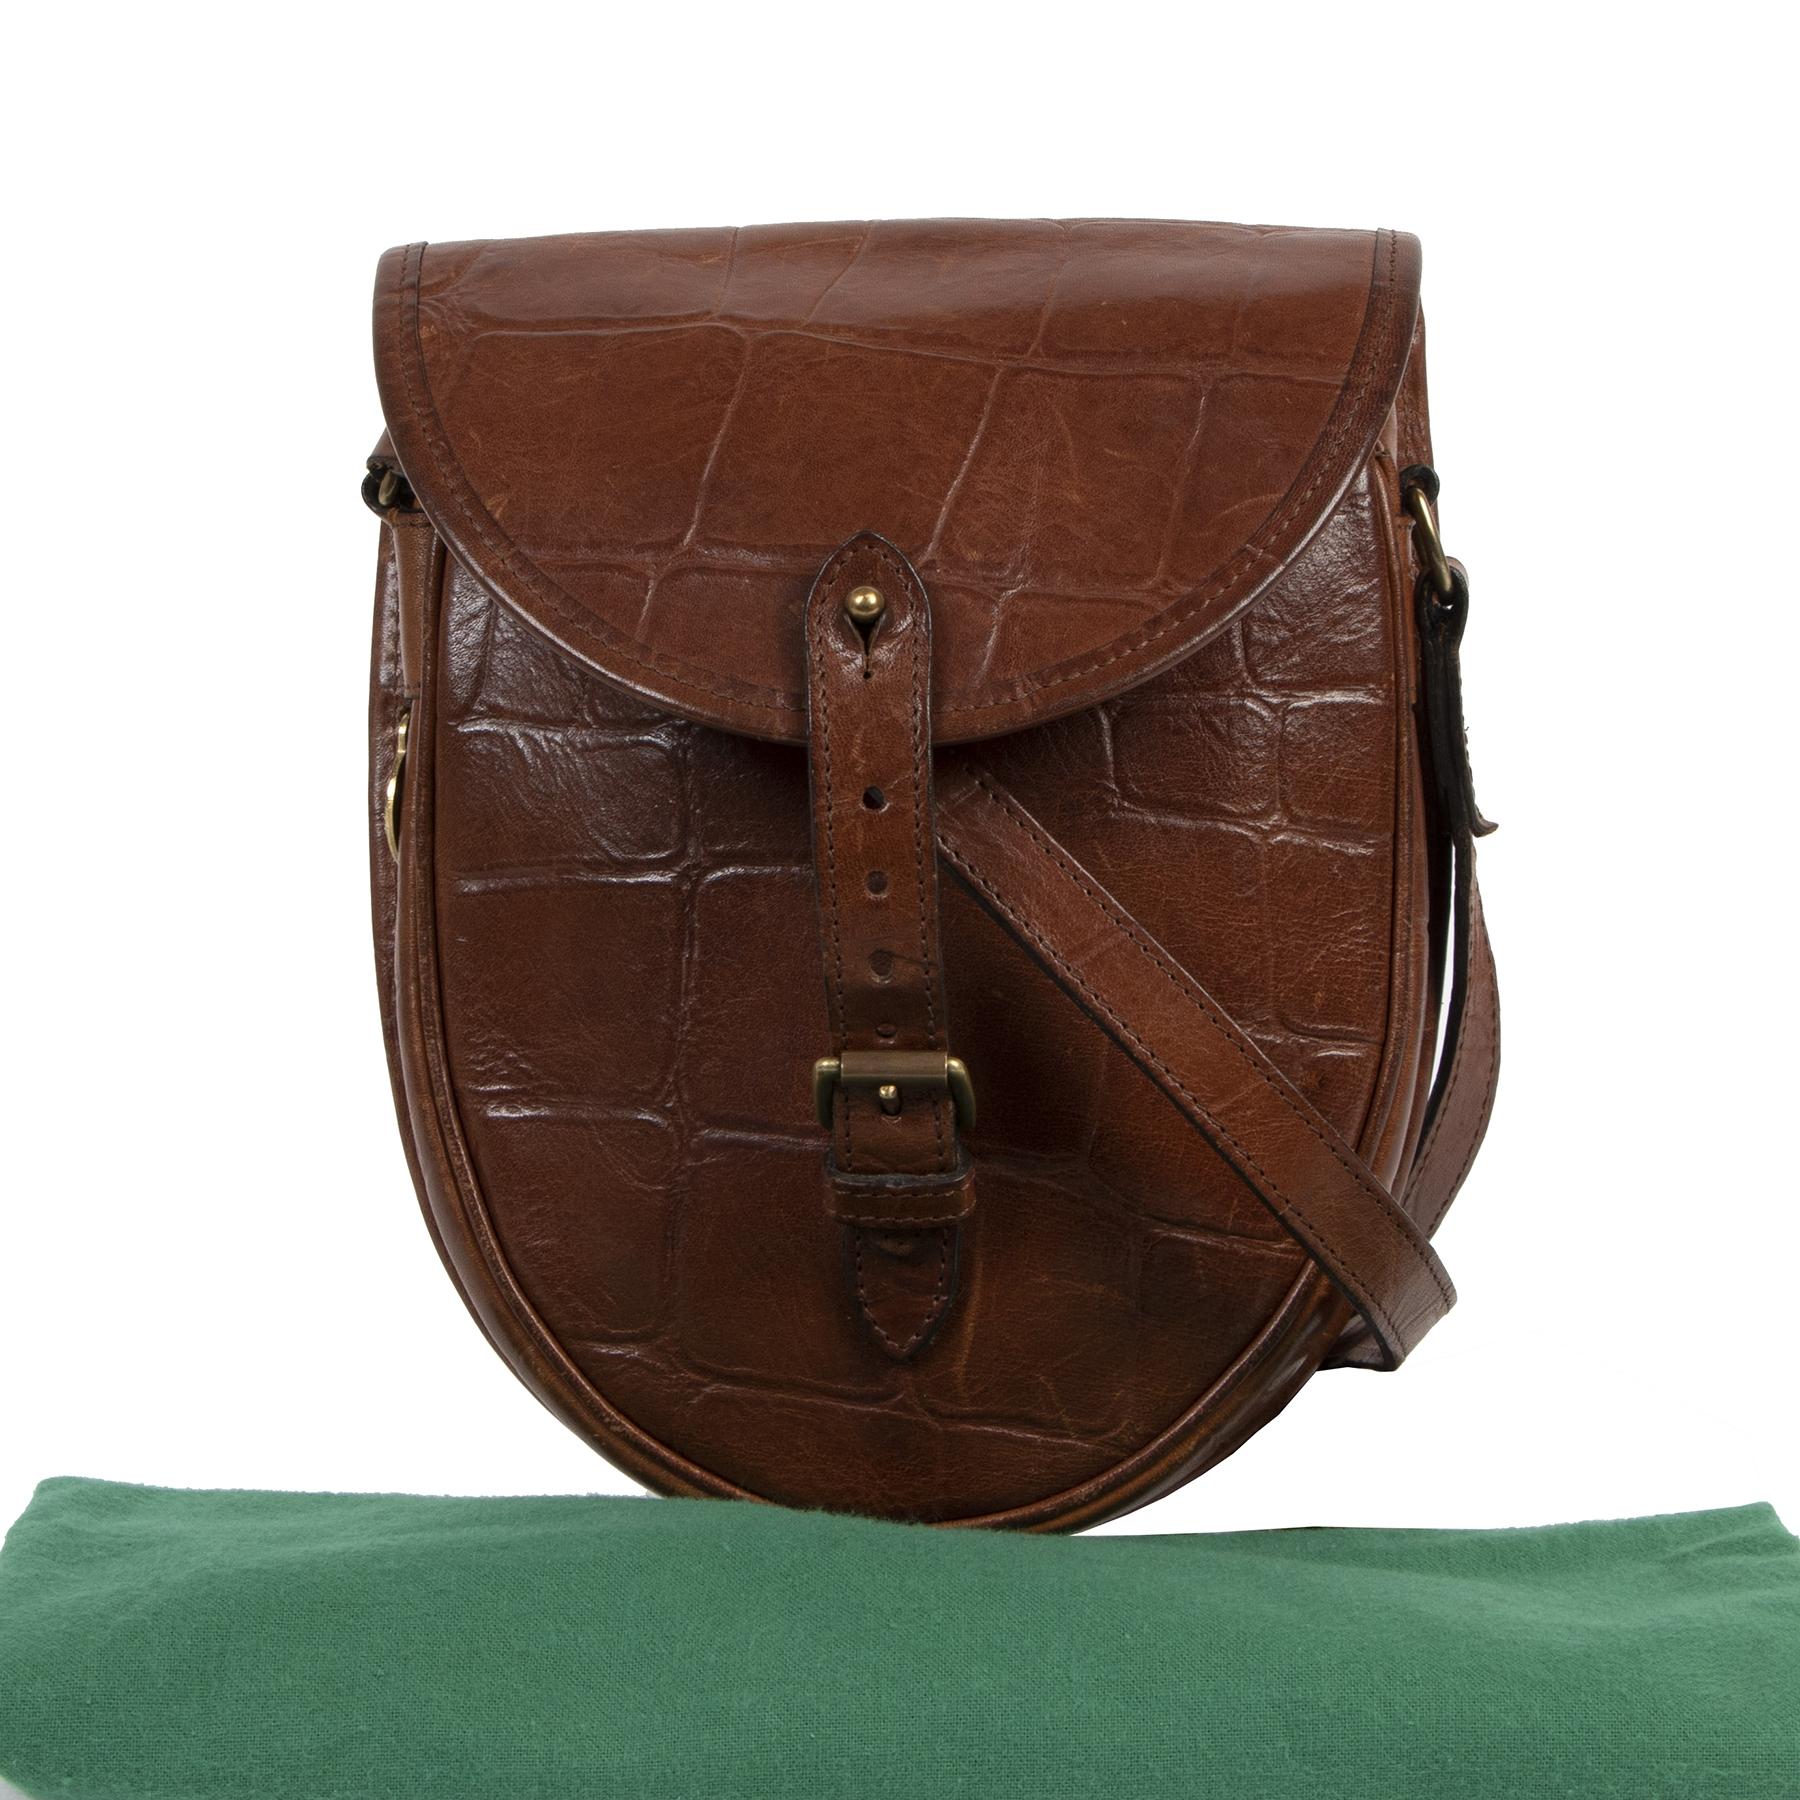 Mulberry Chestnut Brown Crossbody Bag kopen en verkopen aan de beste prijs bij Labellov